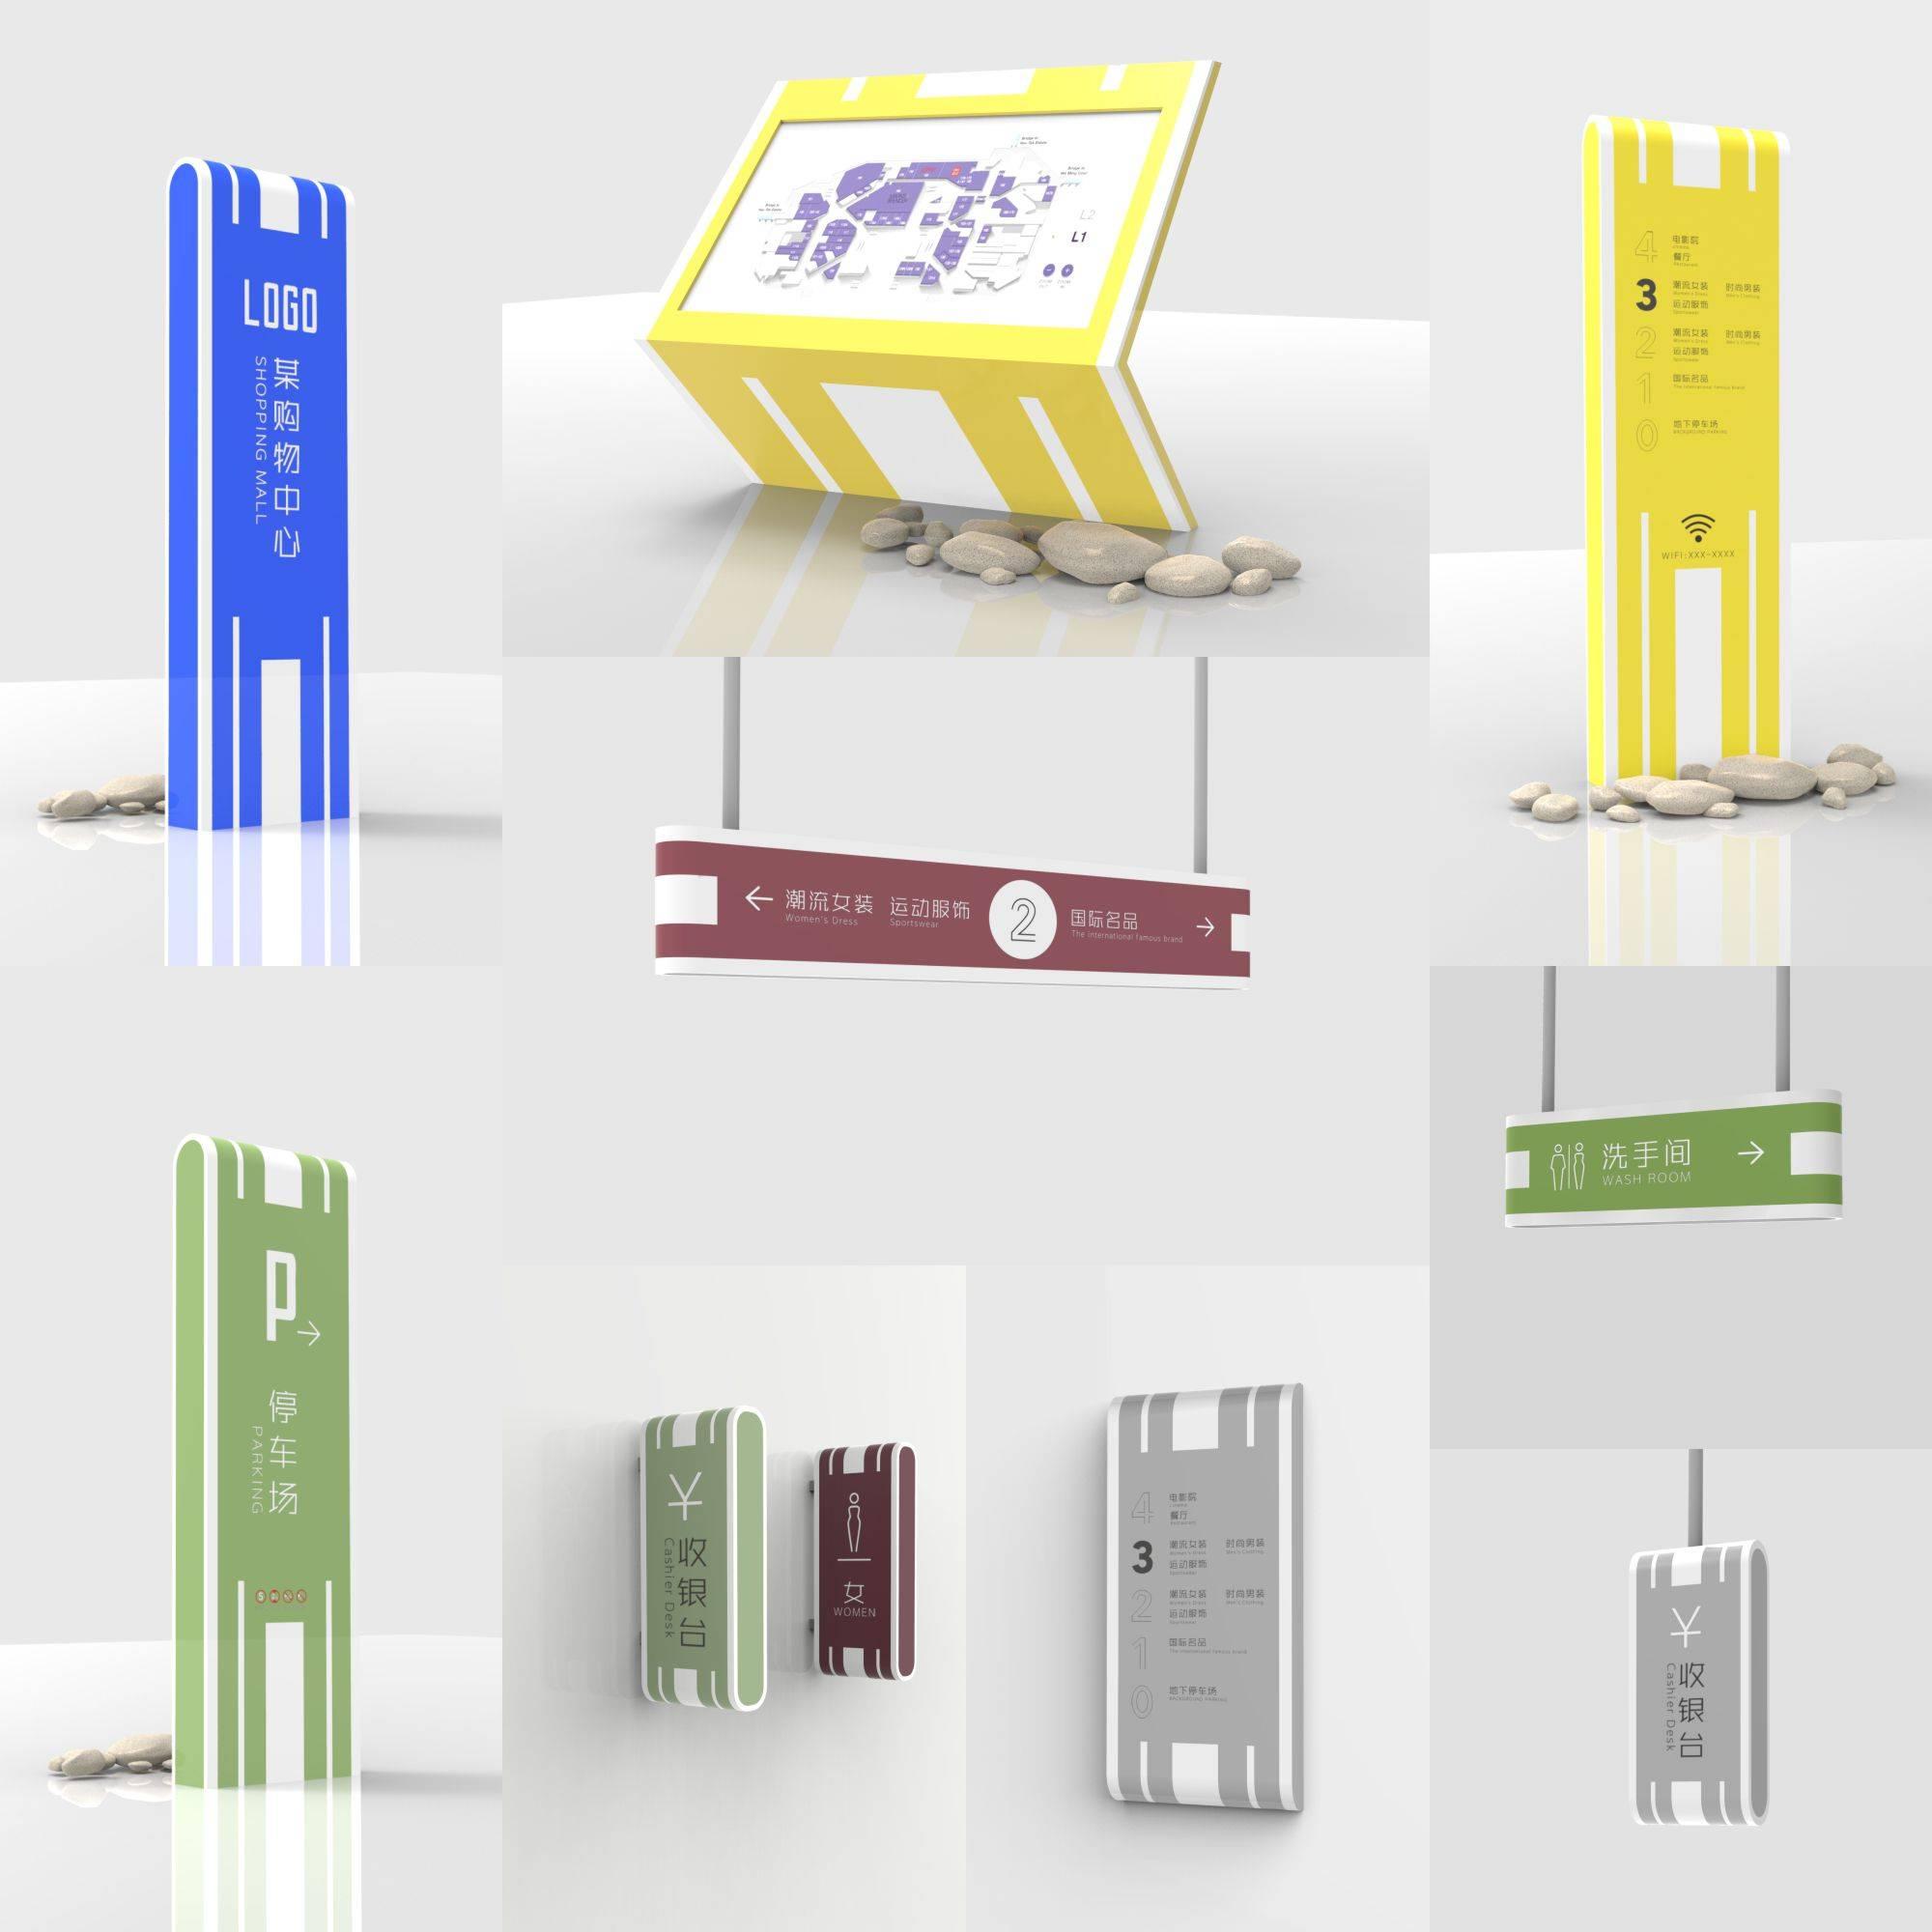 某商场导视系统设计方案(附带效果图)